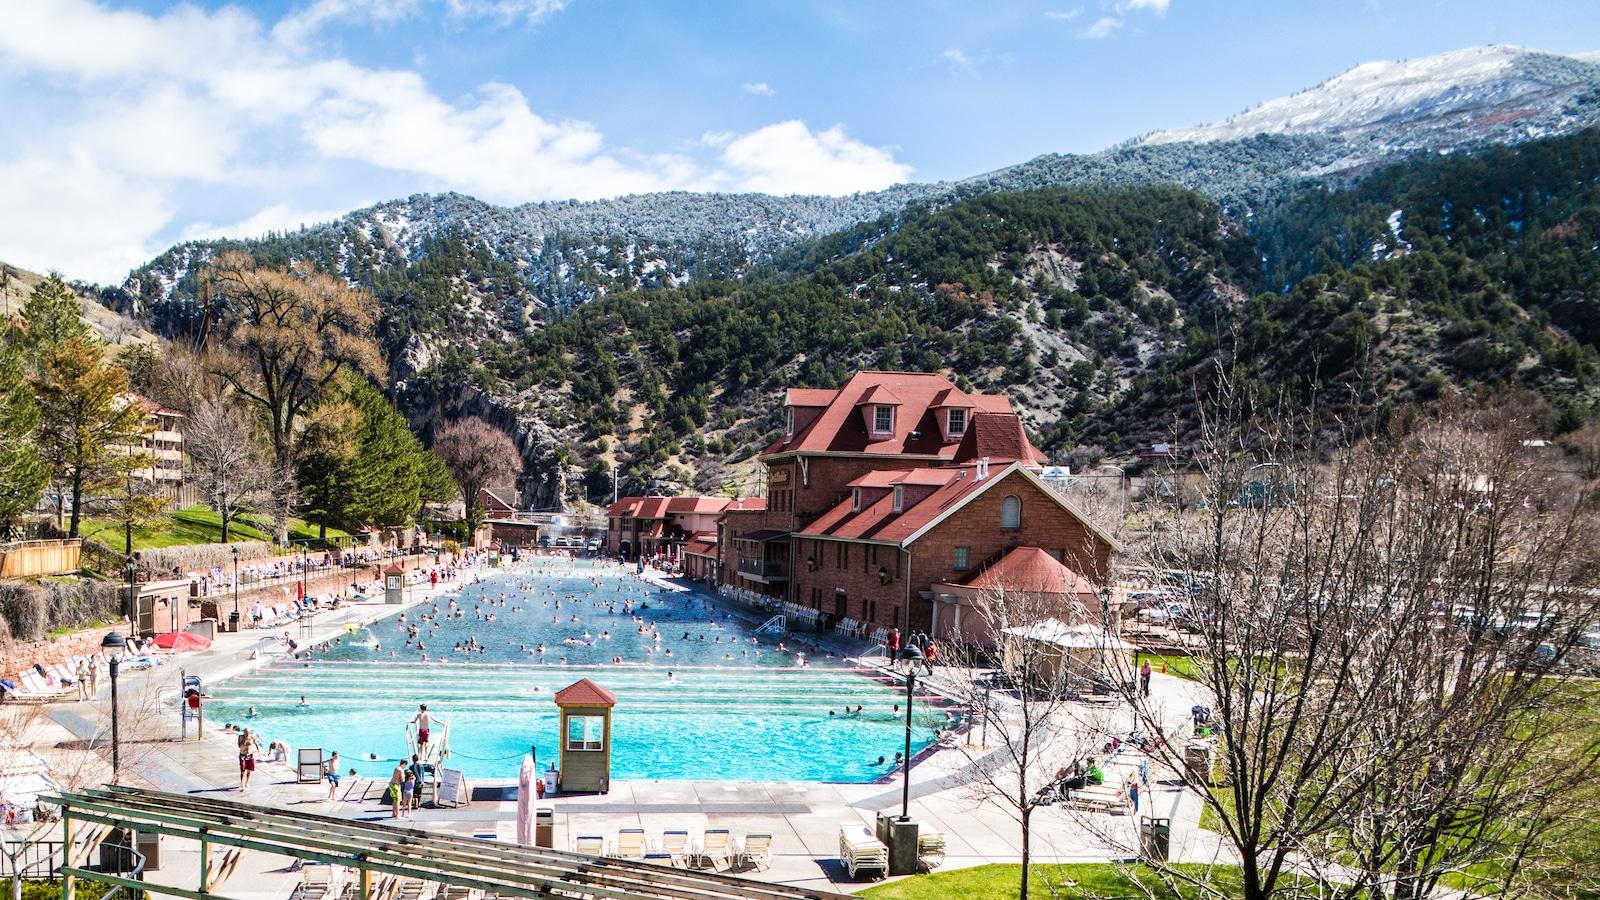 Hot Springs - Glenwood Springs, CO